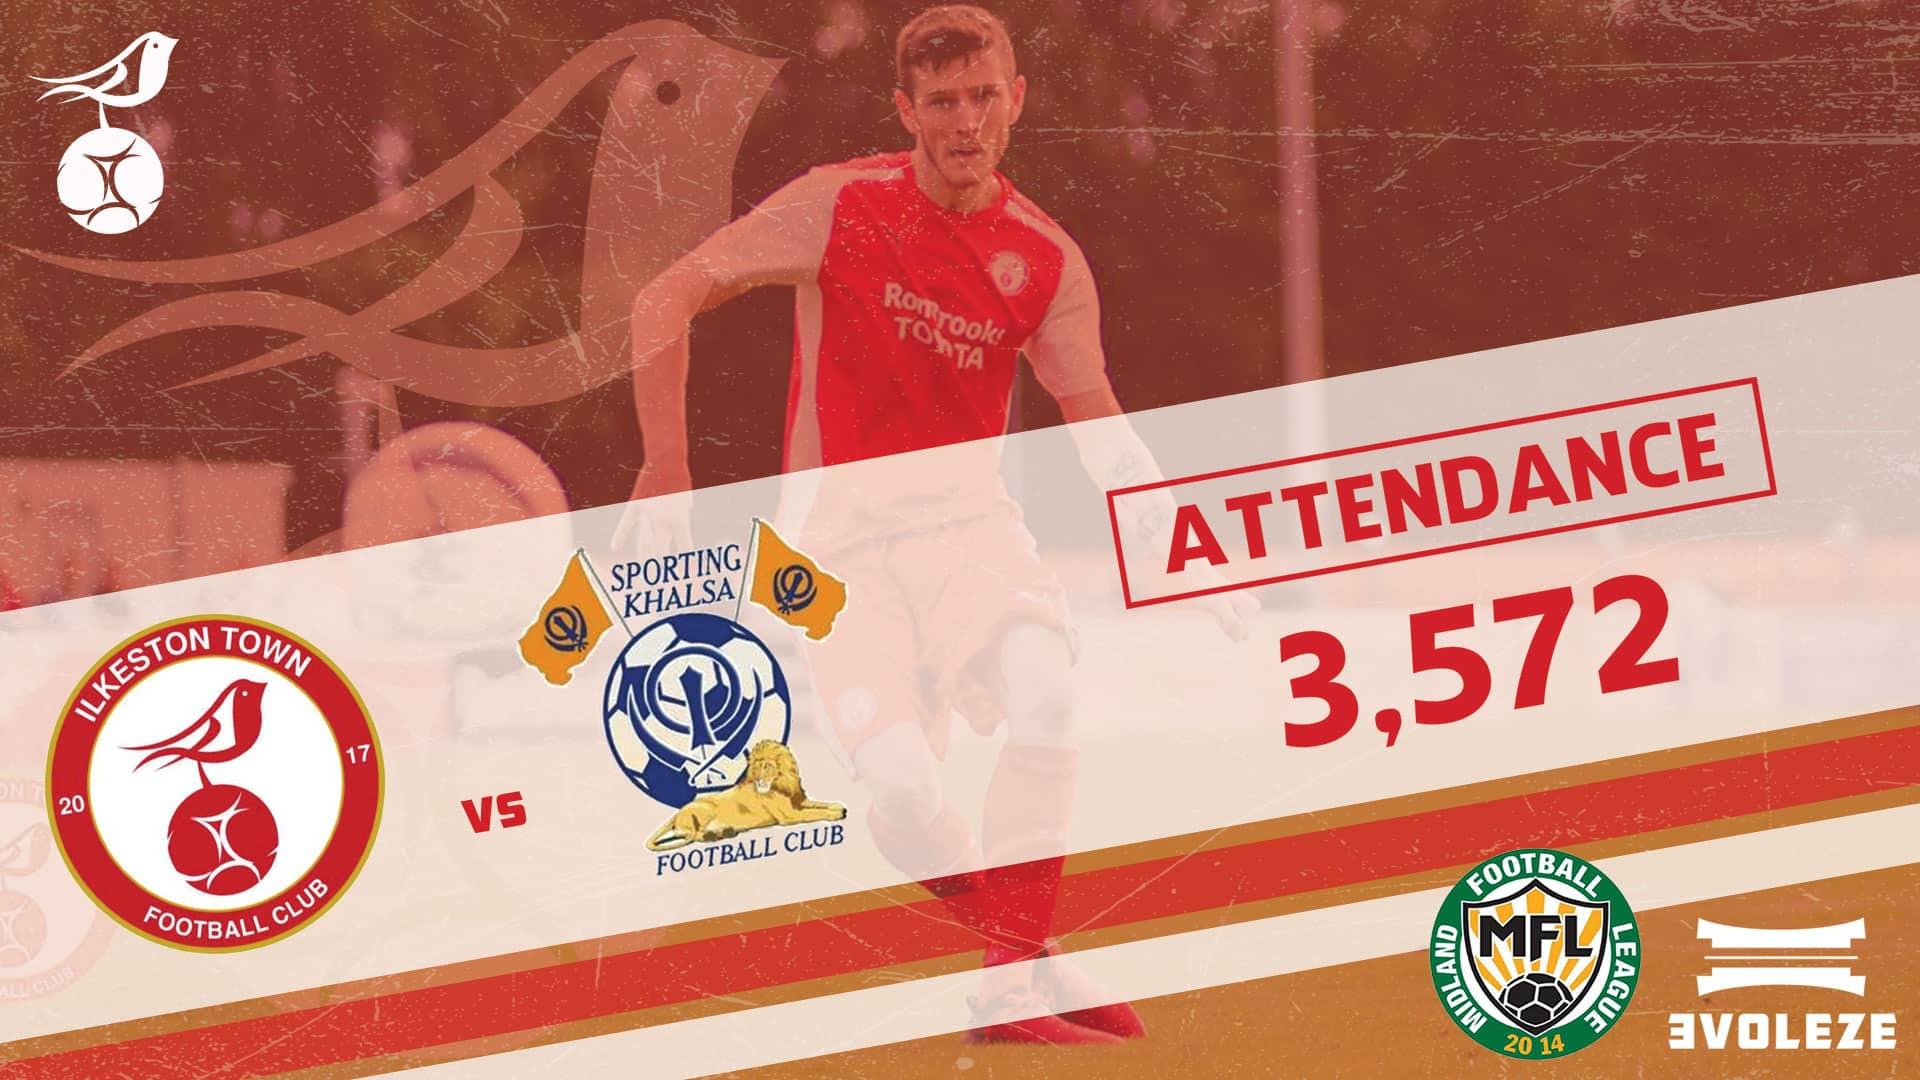 attendance Ilkeston Town FC